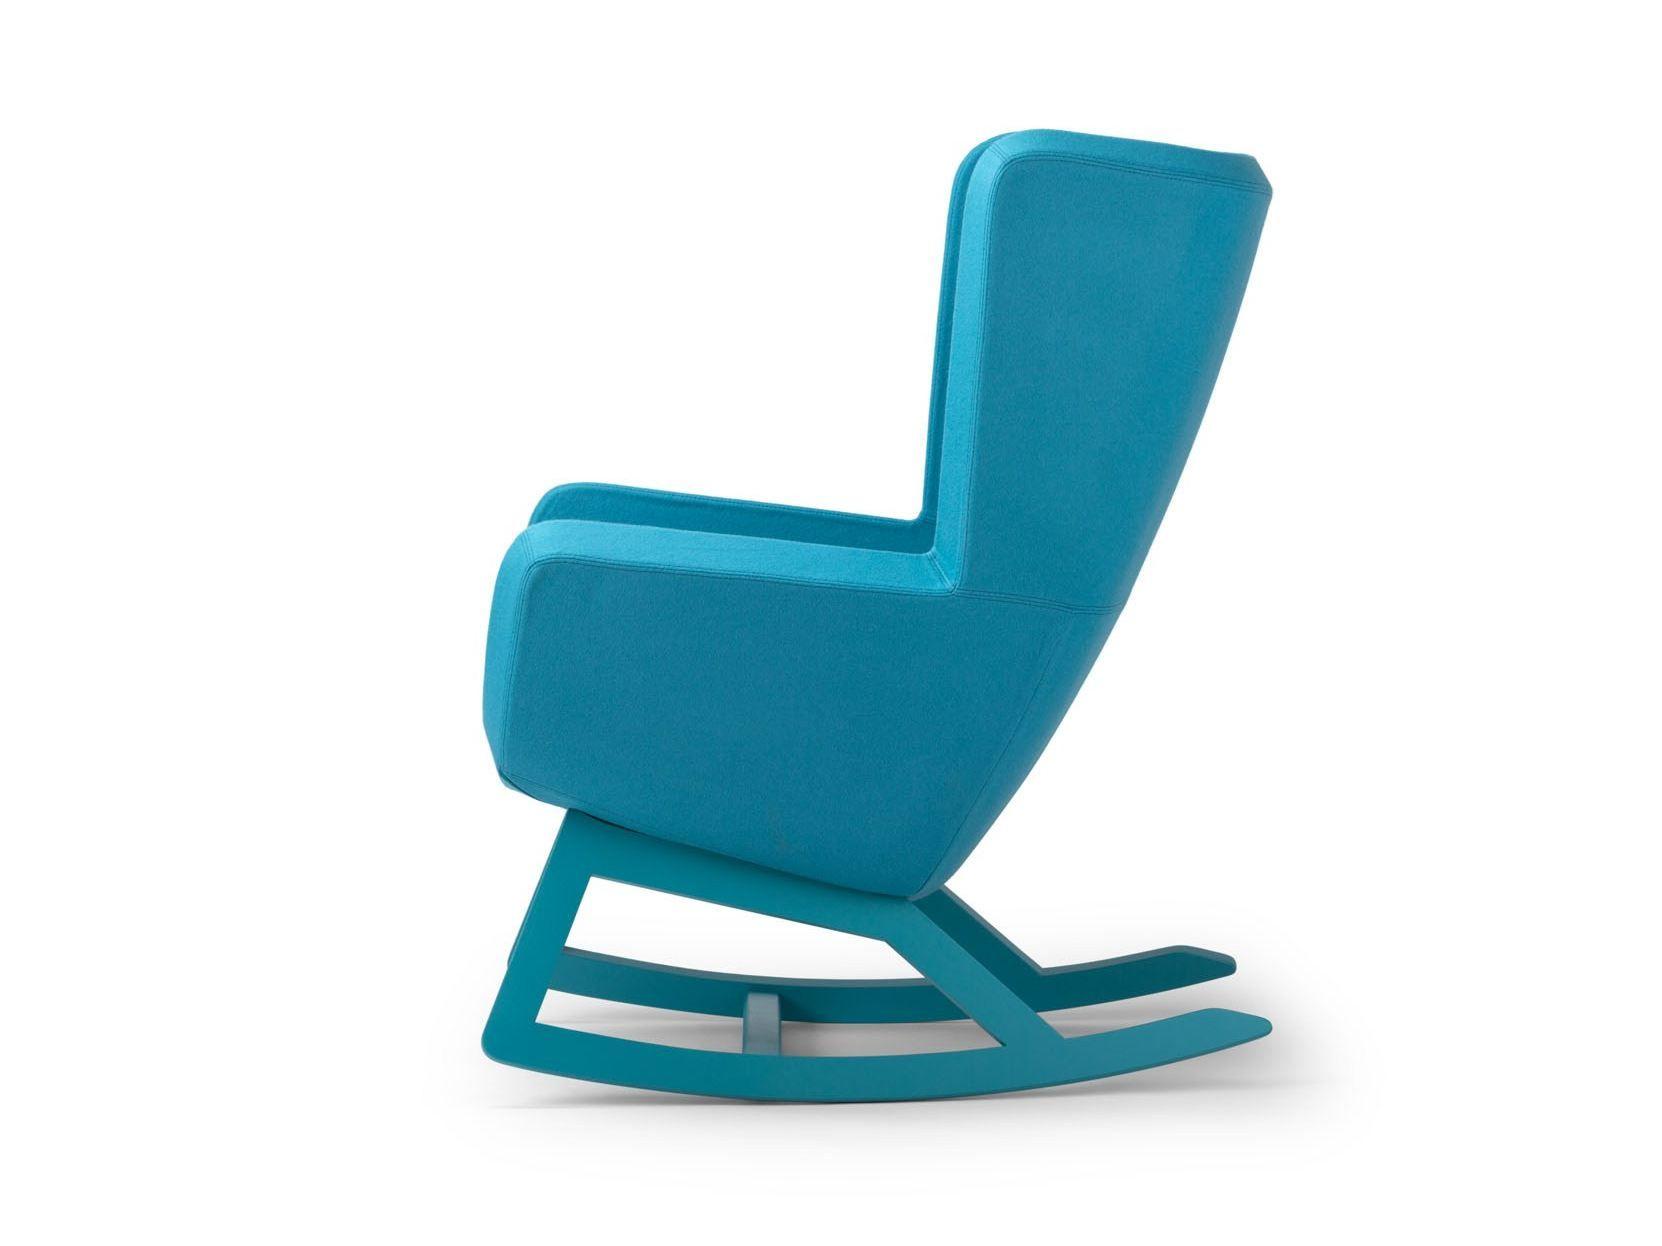 Arca poltrona a dondolo by true design design orlandini design - Poltrona a dondolo di design ...